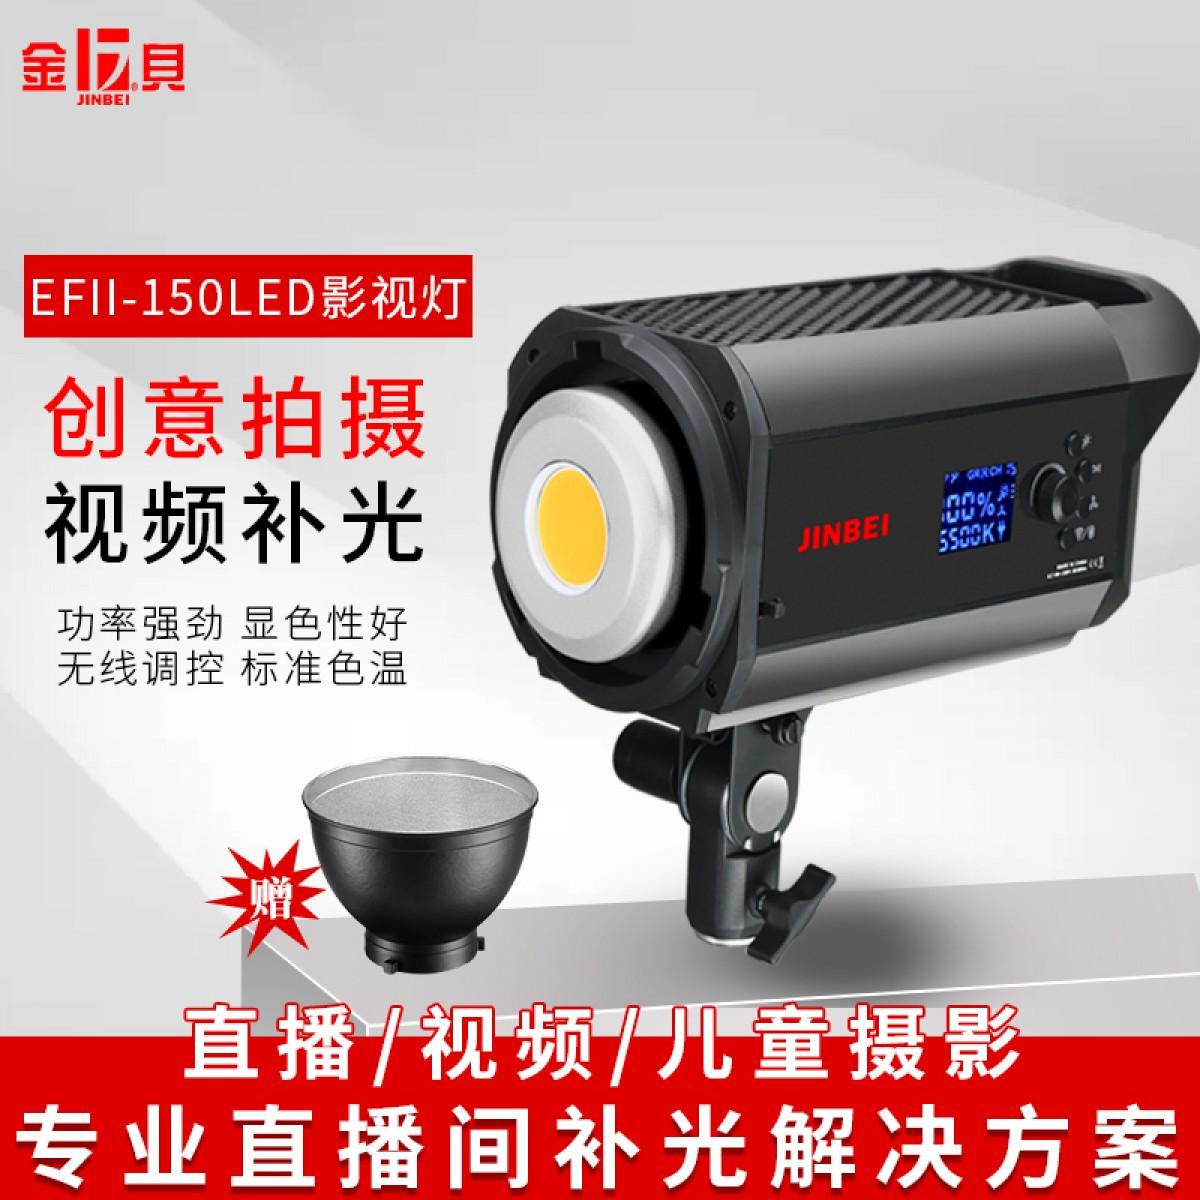 金贝EFII-150W摄影灯常亮灯led补光灯儿童影视视频摄像直播太阳灯